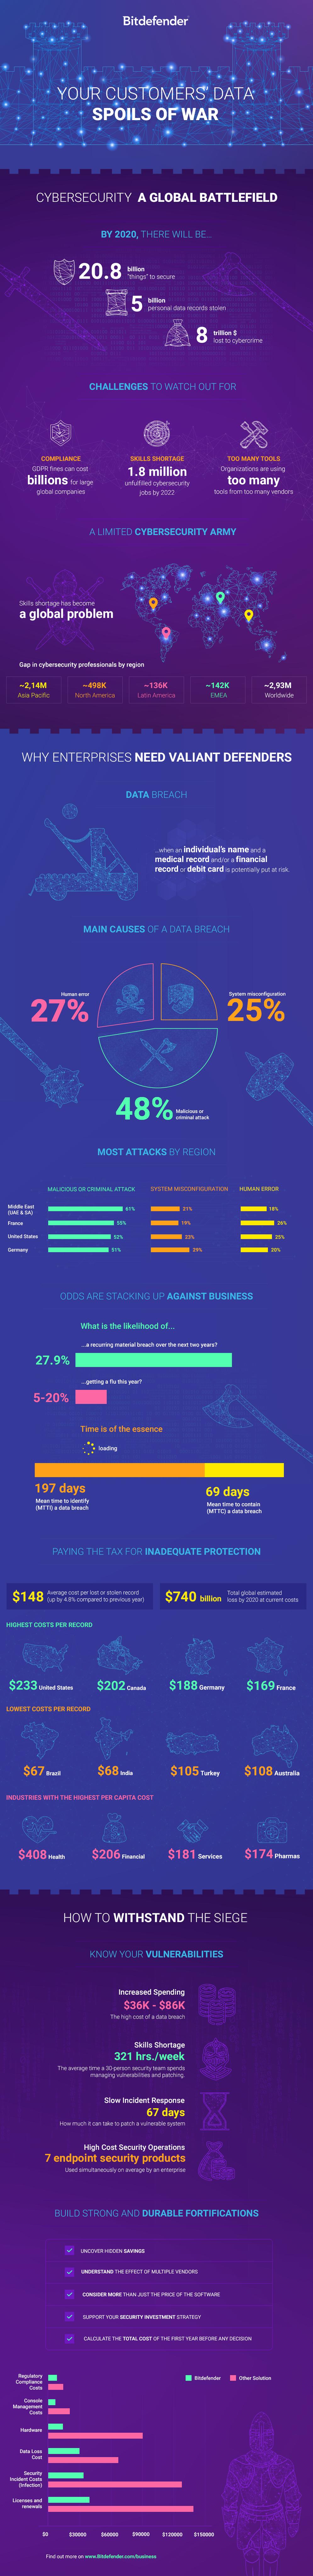 Bitdefender-Infographic-EPP-TCO-EN